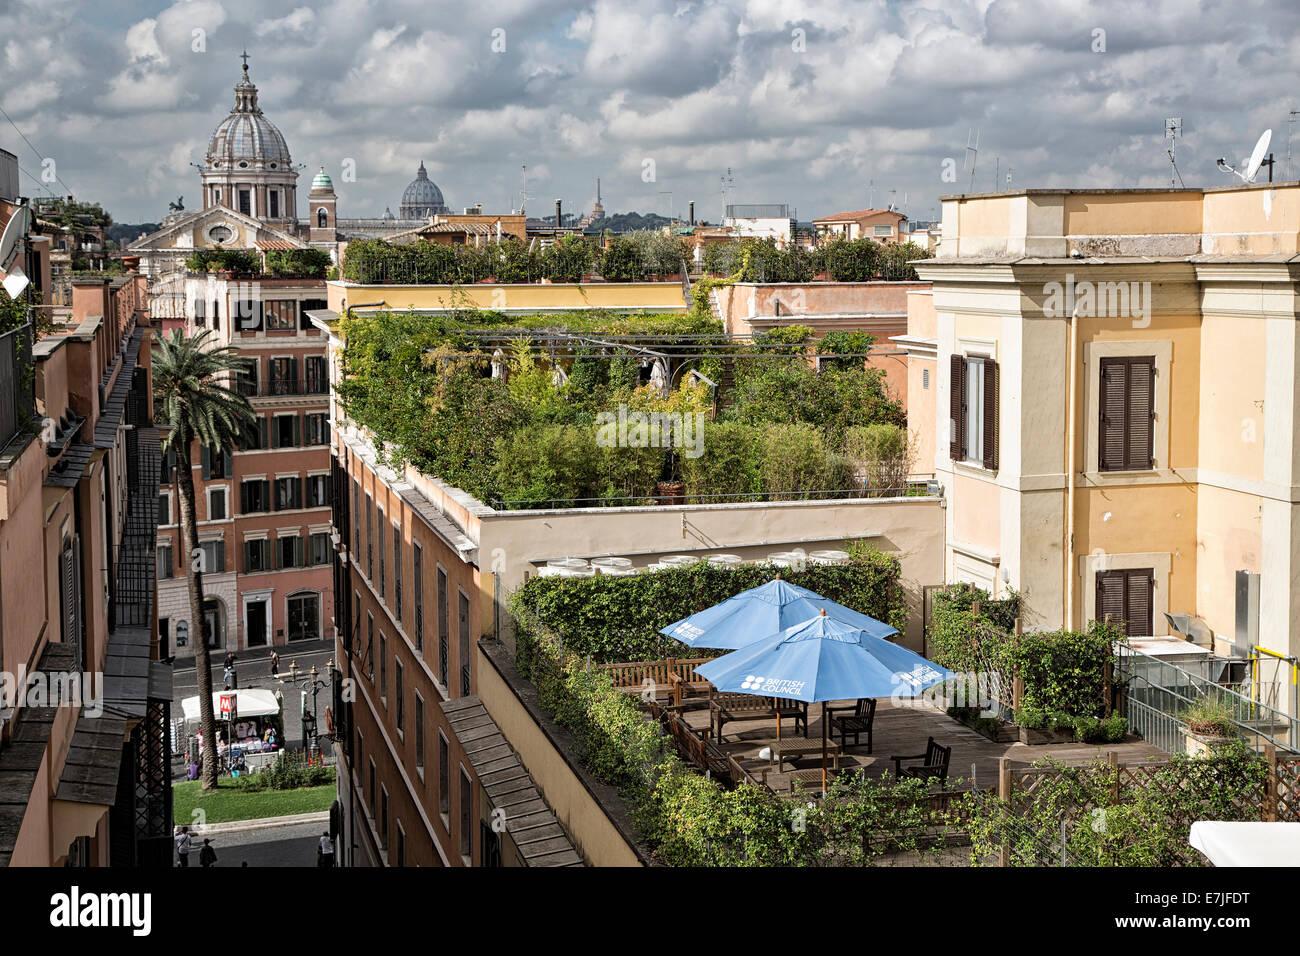 Accademia, academy, roof, Francia, France, garden, green, capital, Italy, Europe, Rome, terrace, villa Borghese, - Stock Image